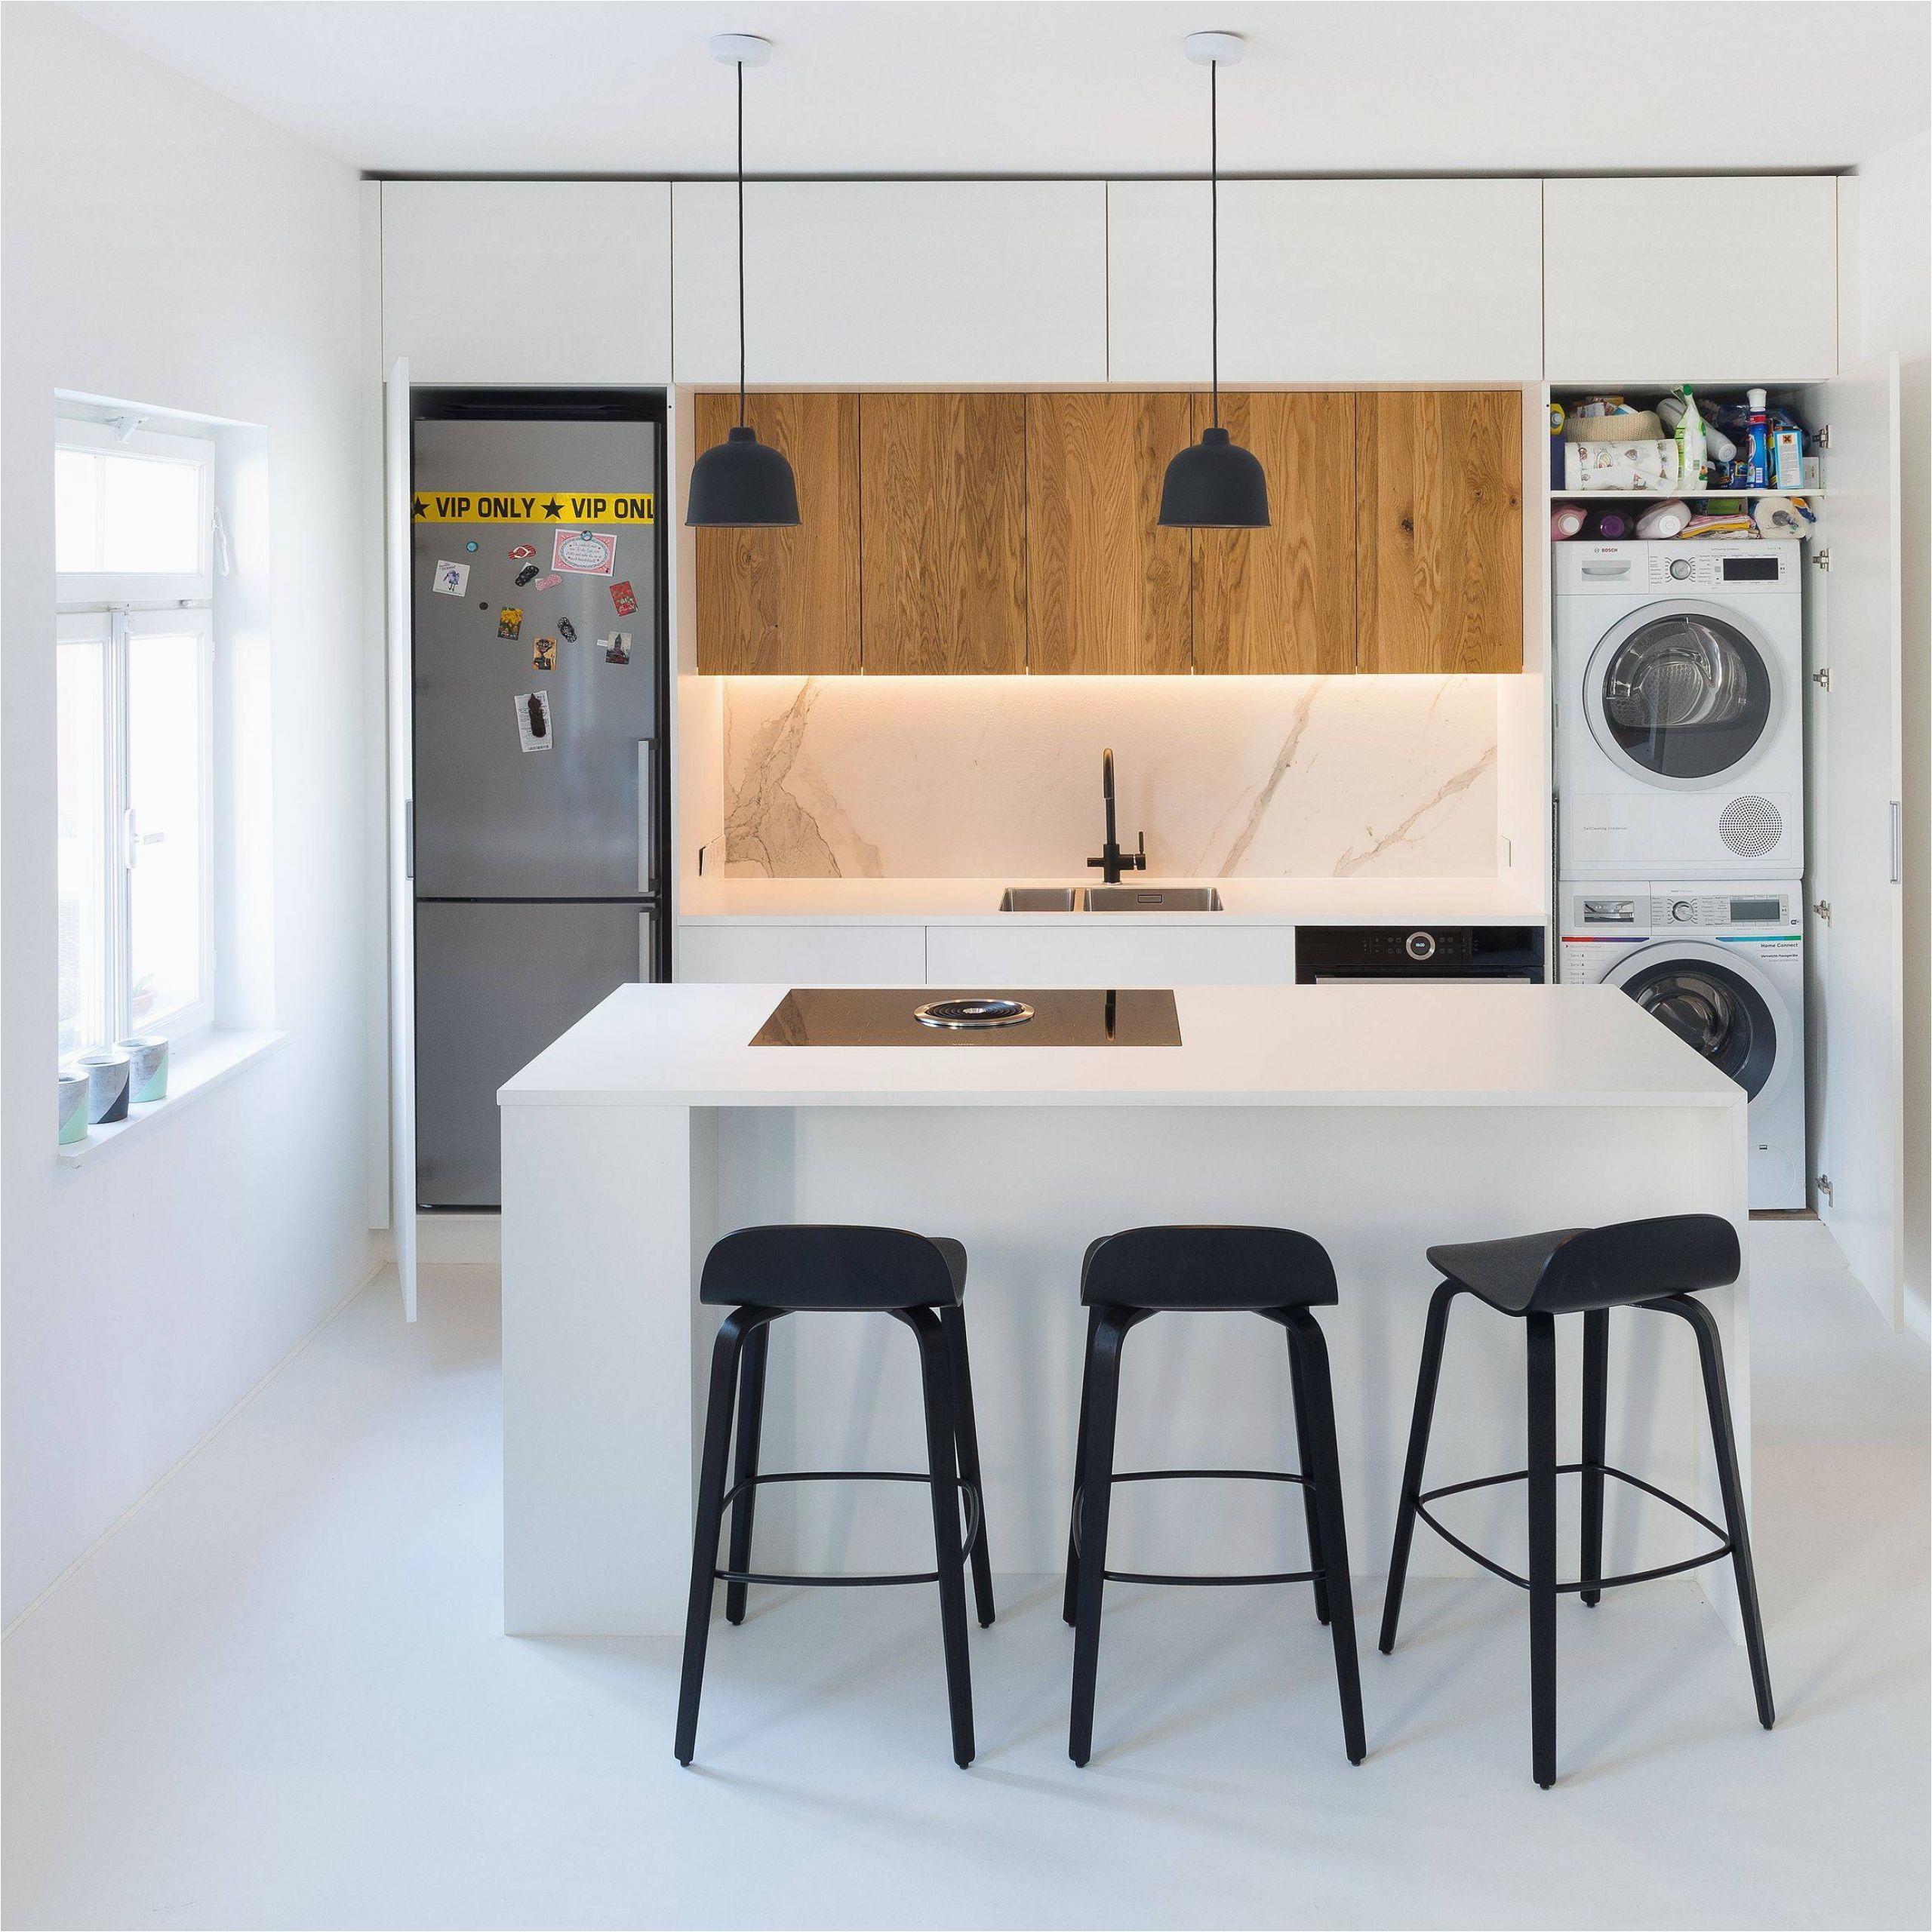 badewannen kuchen ideen klein schema von moderne kuchen hochglanz weiss of moderne kuchen hochglanz weiss scaled